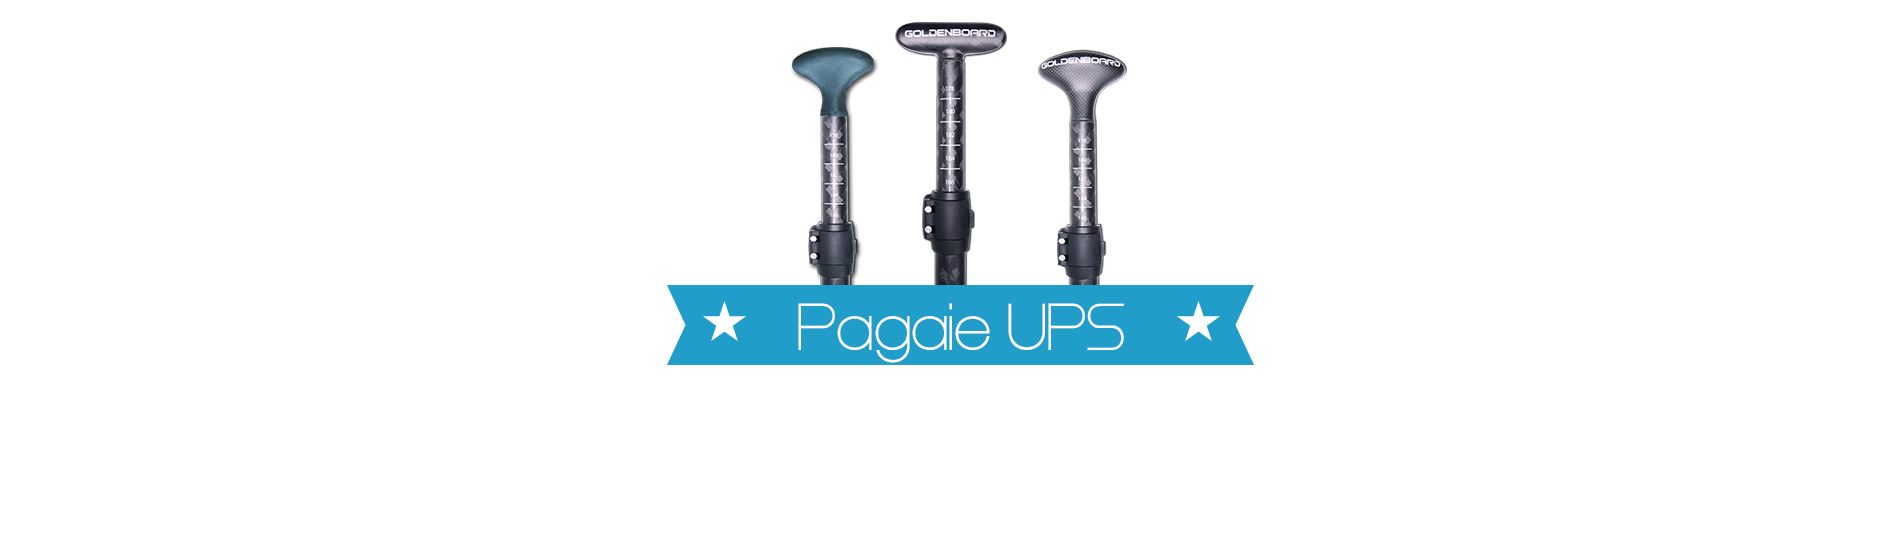 pagaie-UPS.png